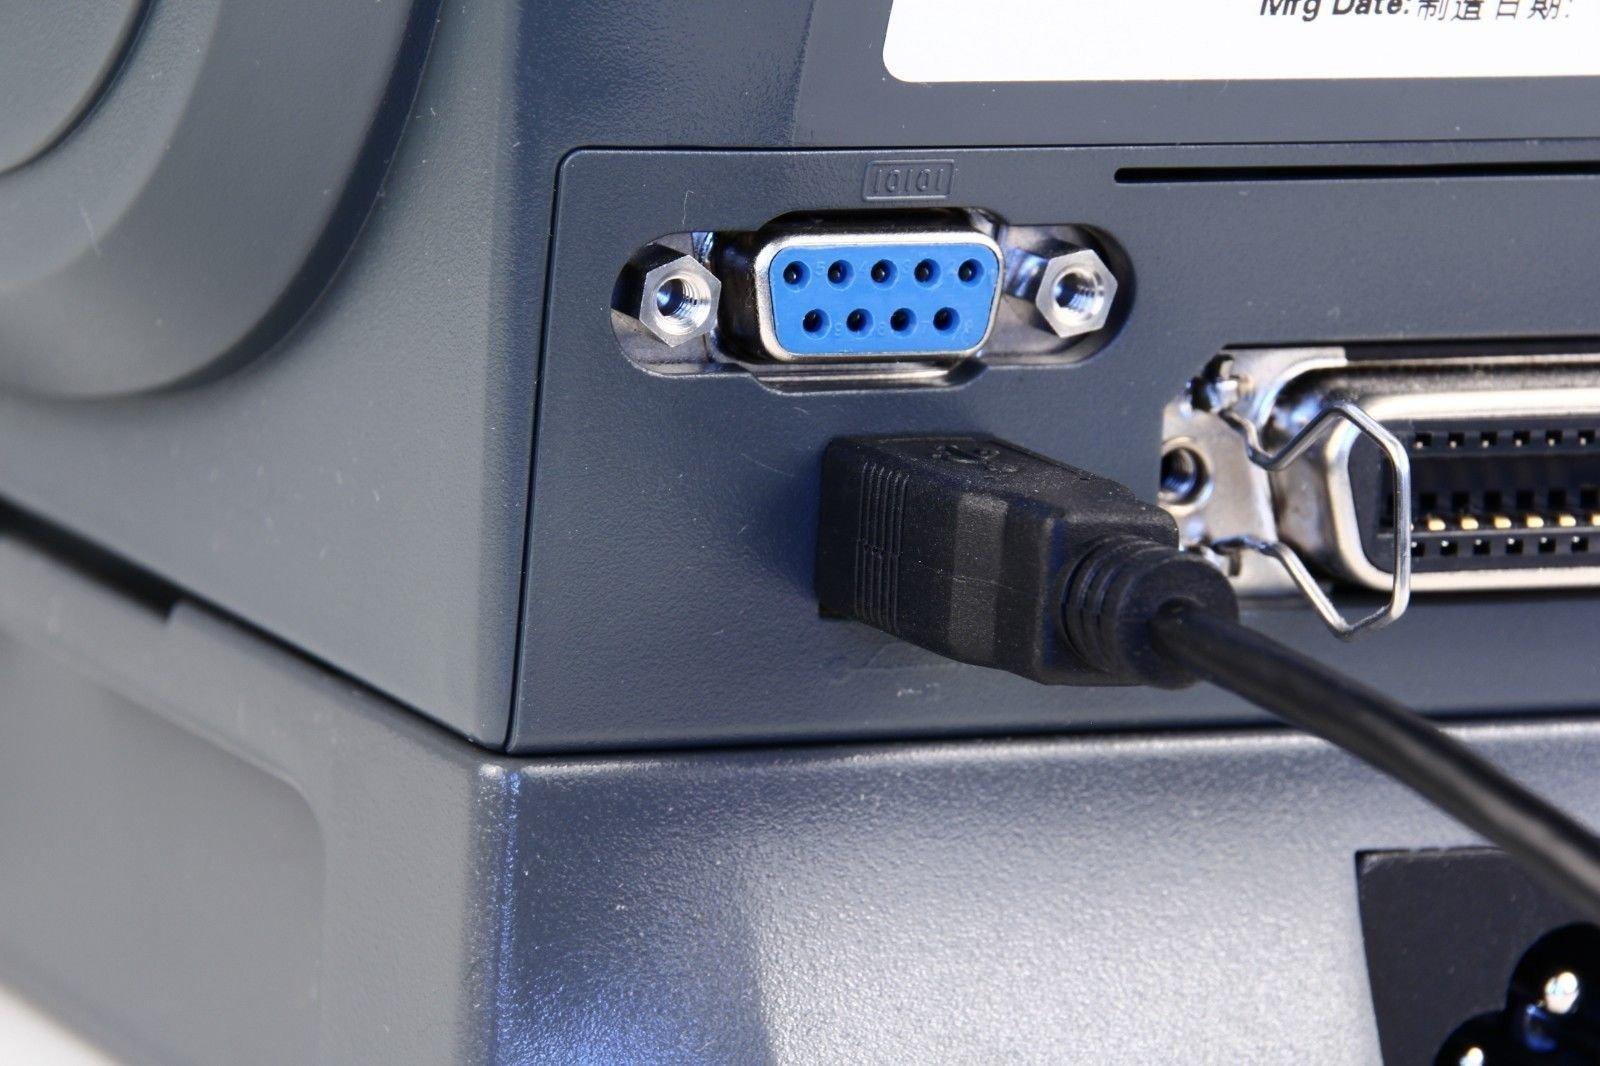 USB CABLE FOR BROTHER HL-8050N HL-L2300D HL-L2305W HL-L2320D HL-L2340DW PRINTER